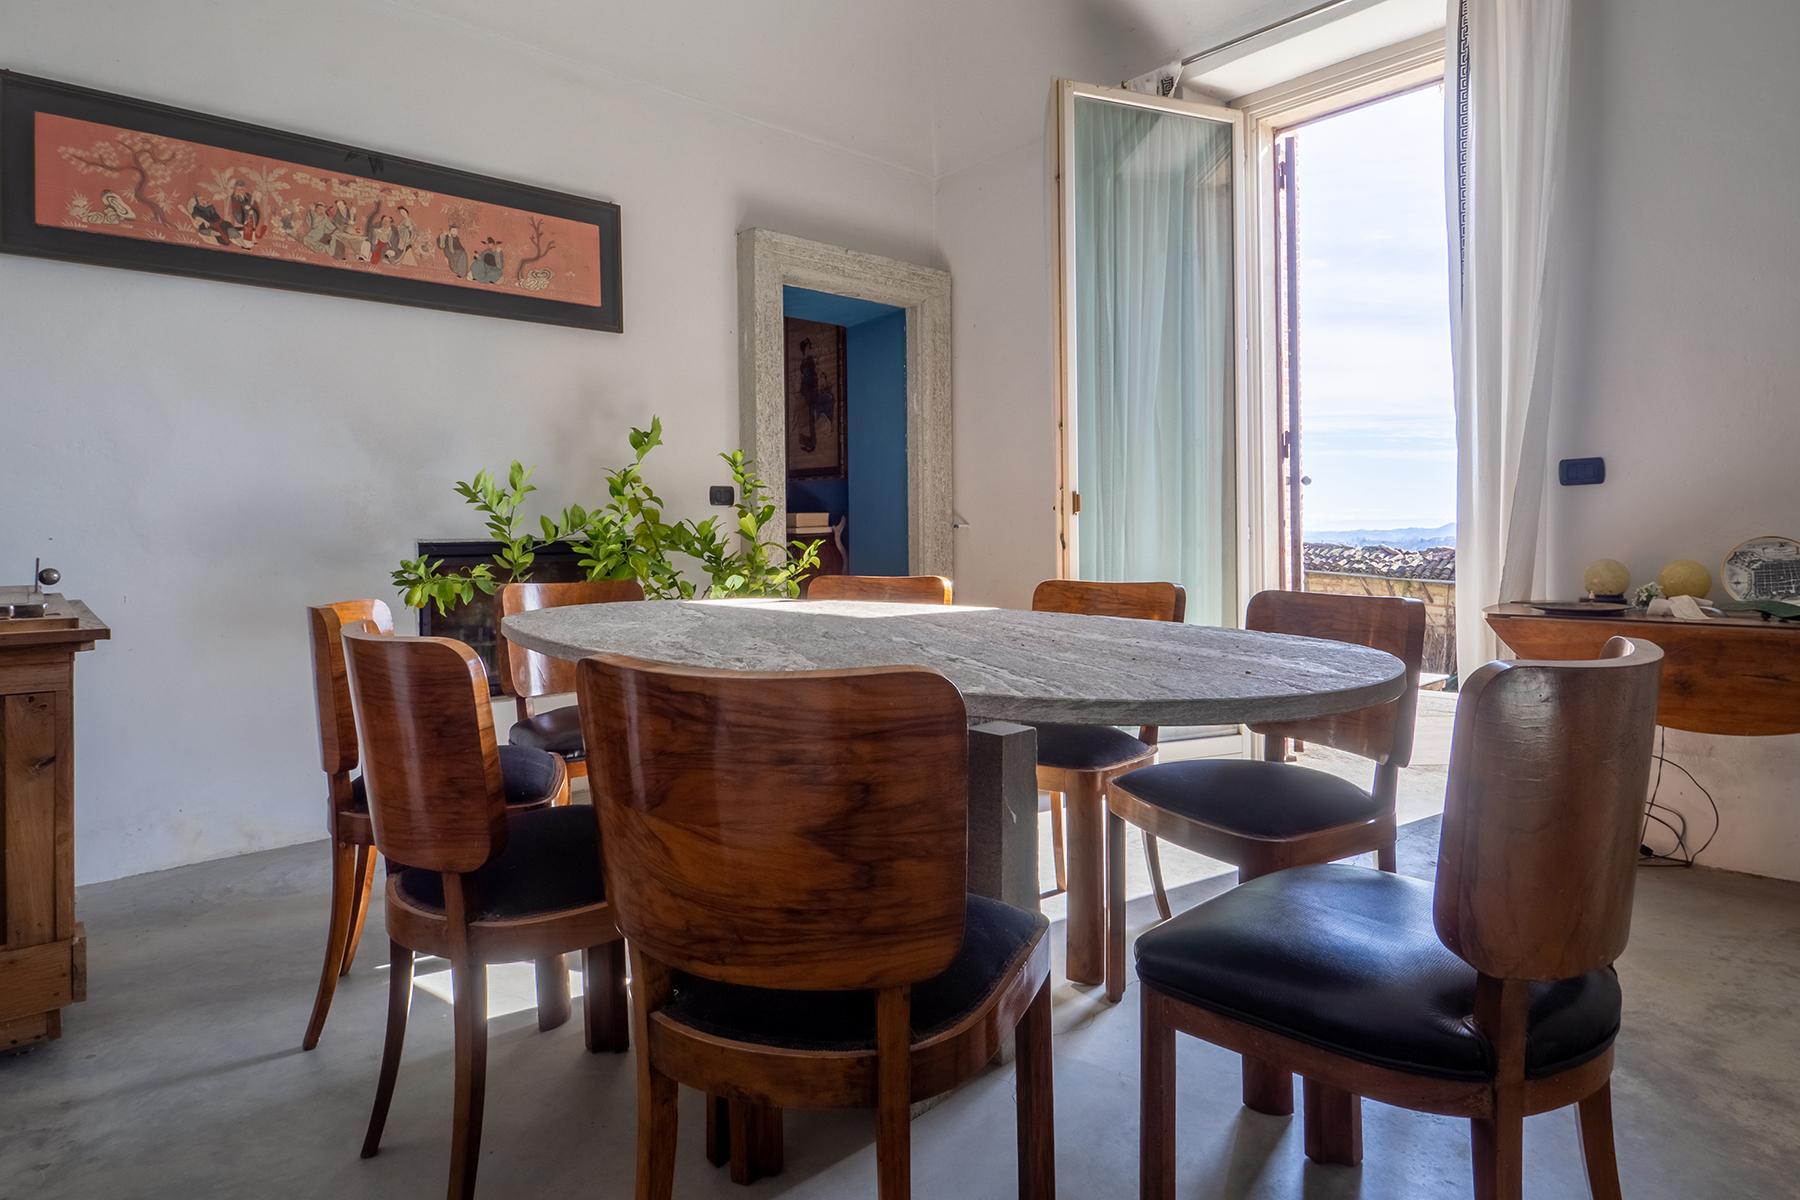 Casa indipendente in Vendita a Moncestino: 5 locali, 300 mq - Foto 18